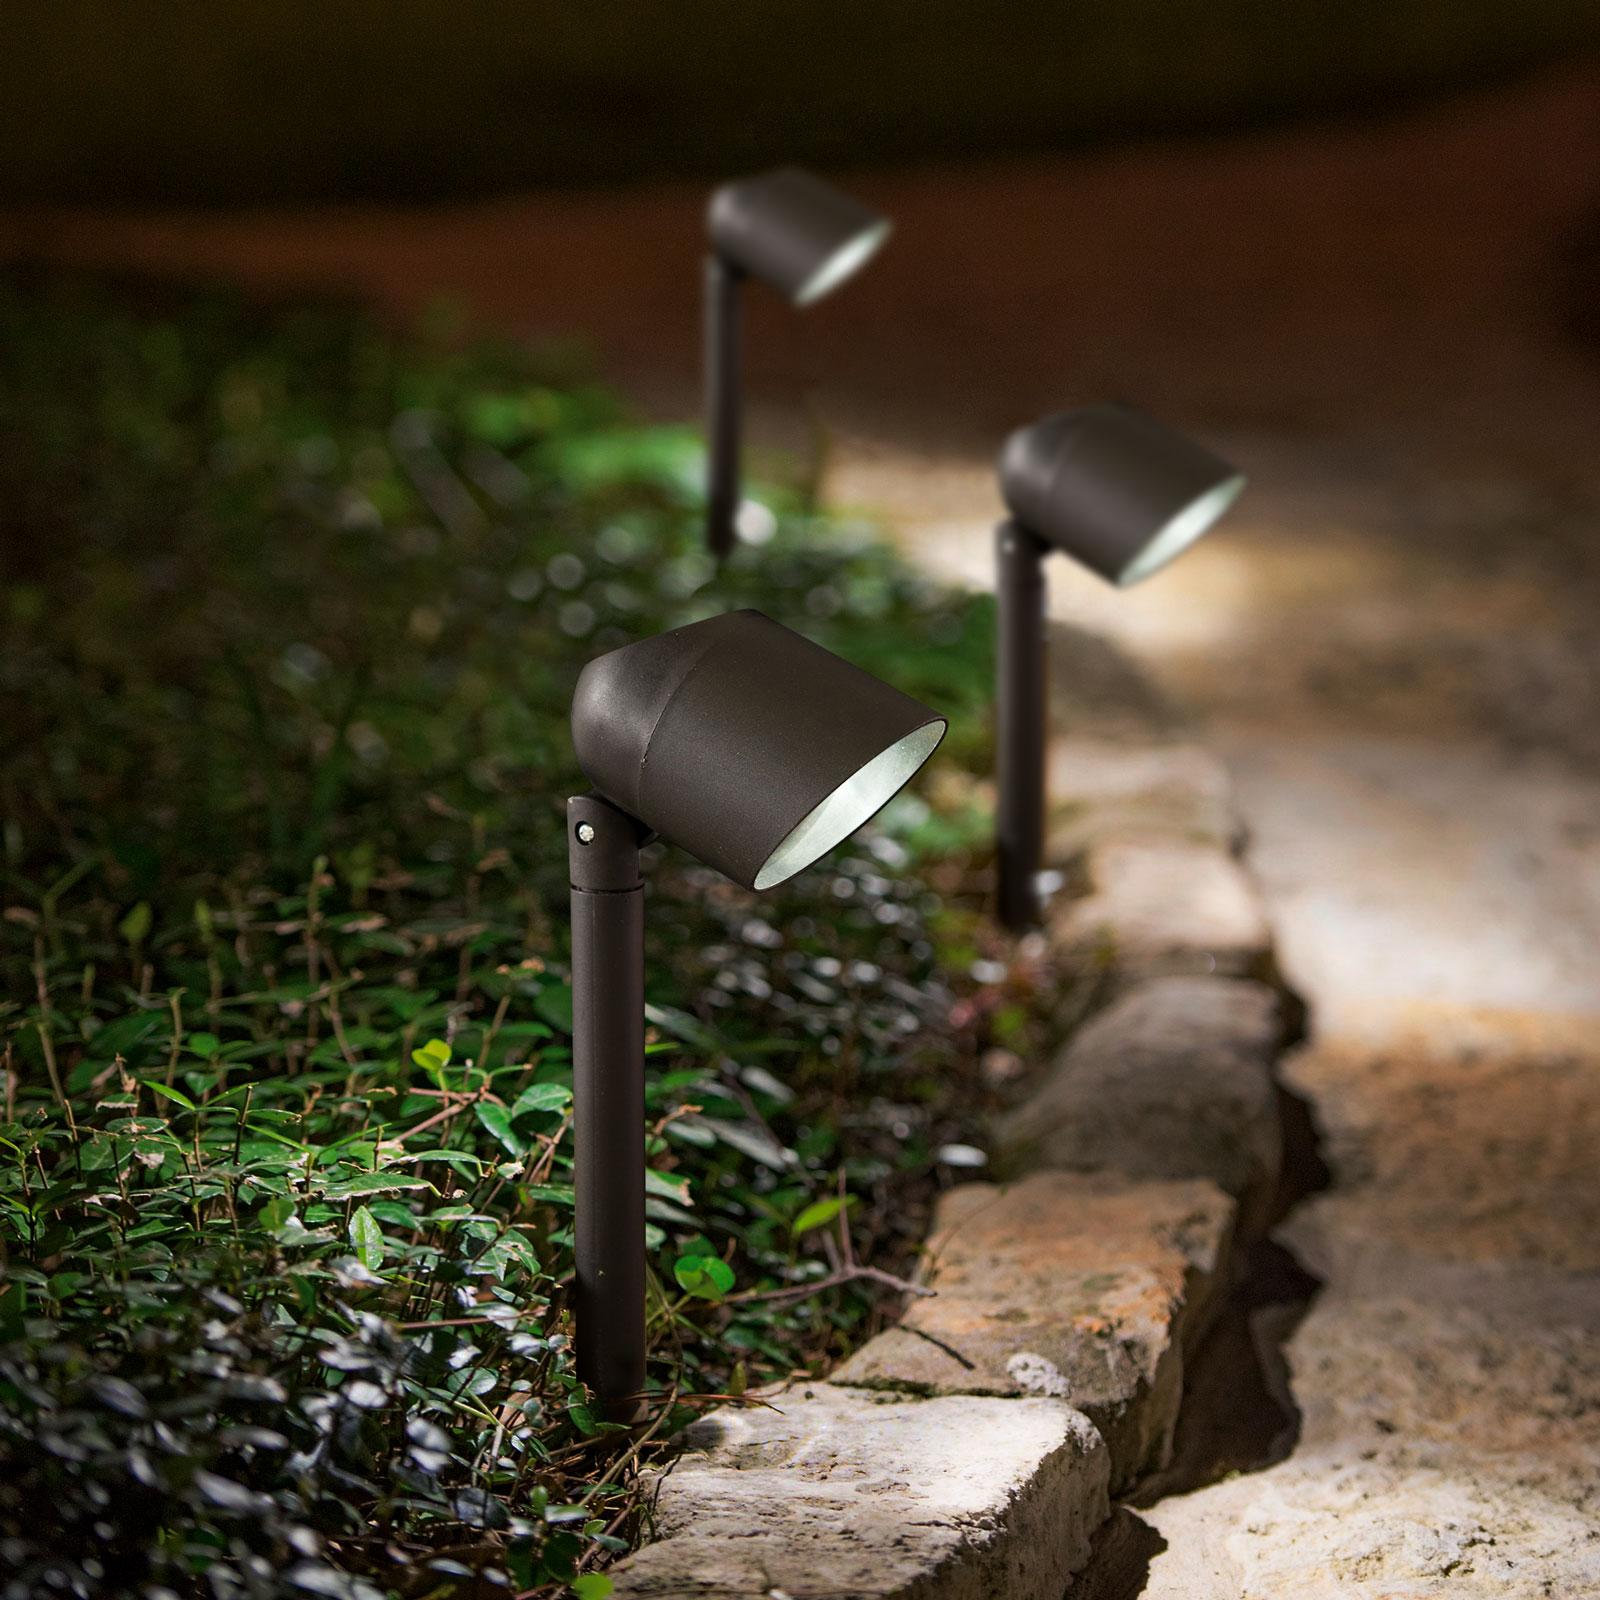 Lampa solară LED cu difuzor de lumina - negru - 410 mm